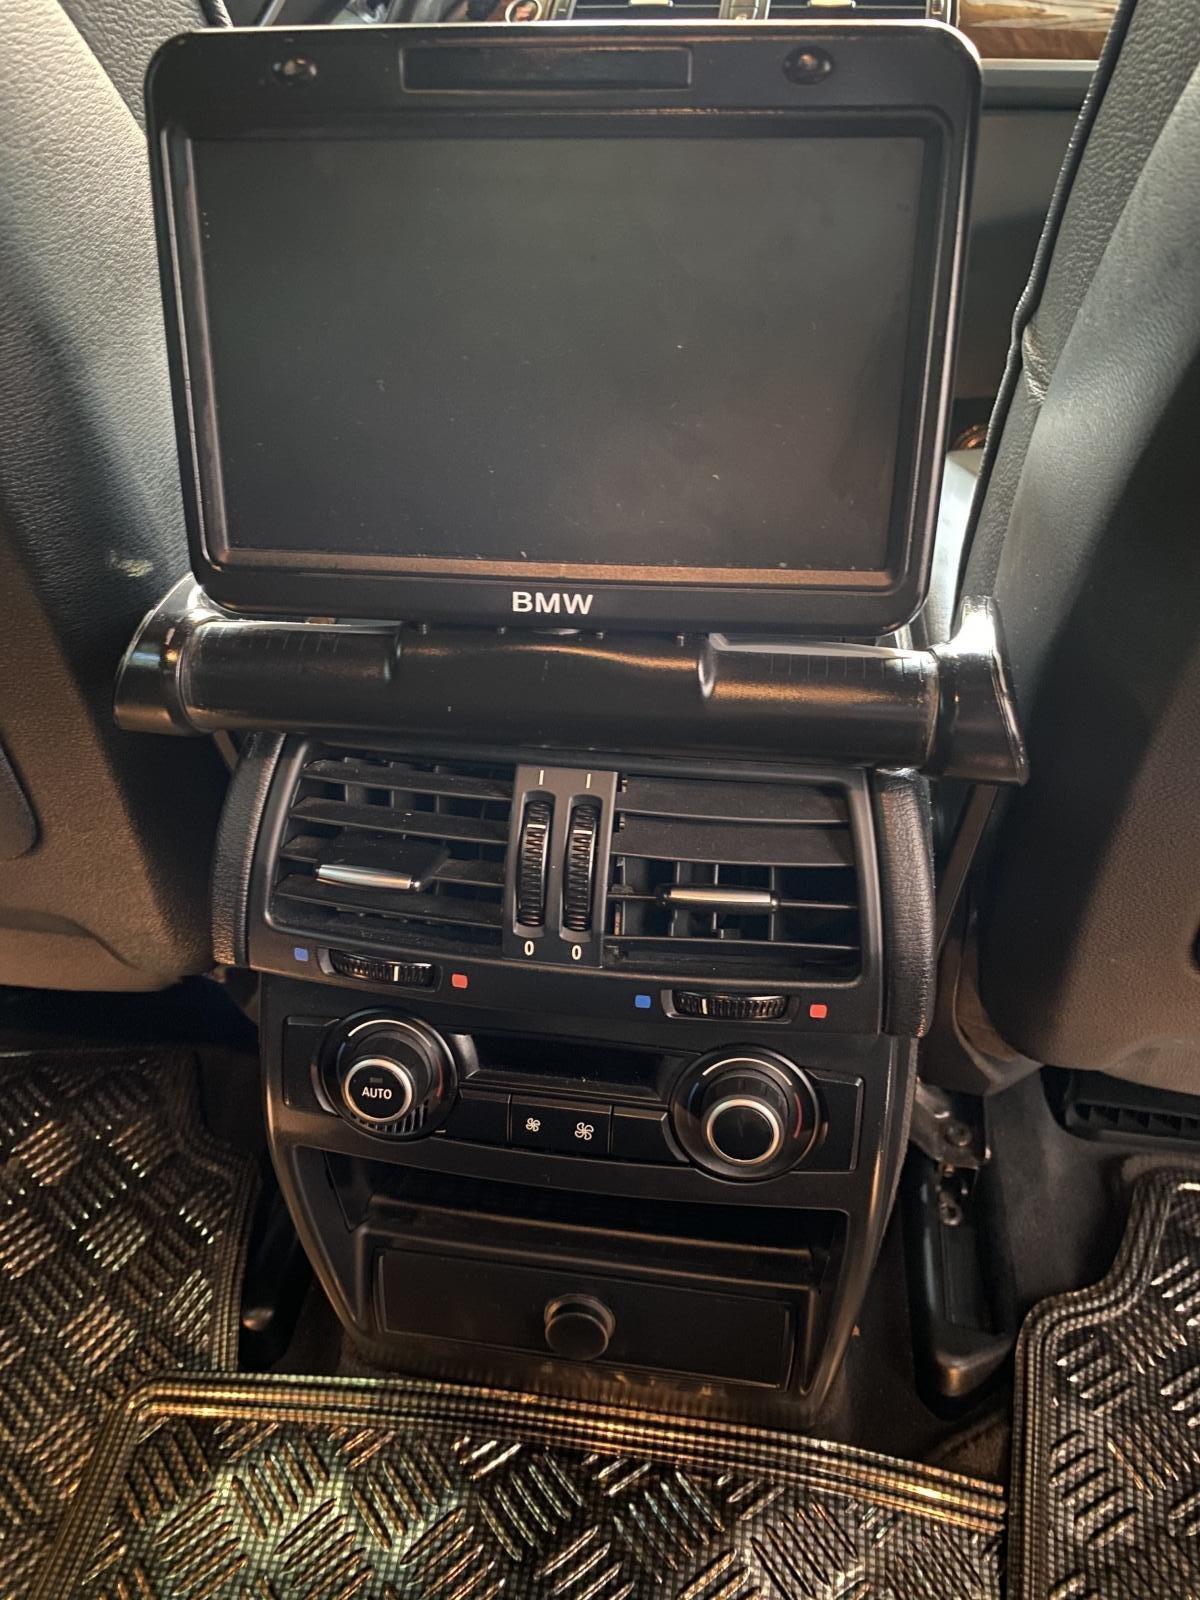 BMW X6 3.2 xe chuẩn zin, đẹp (10)